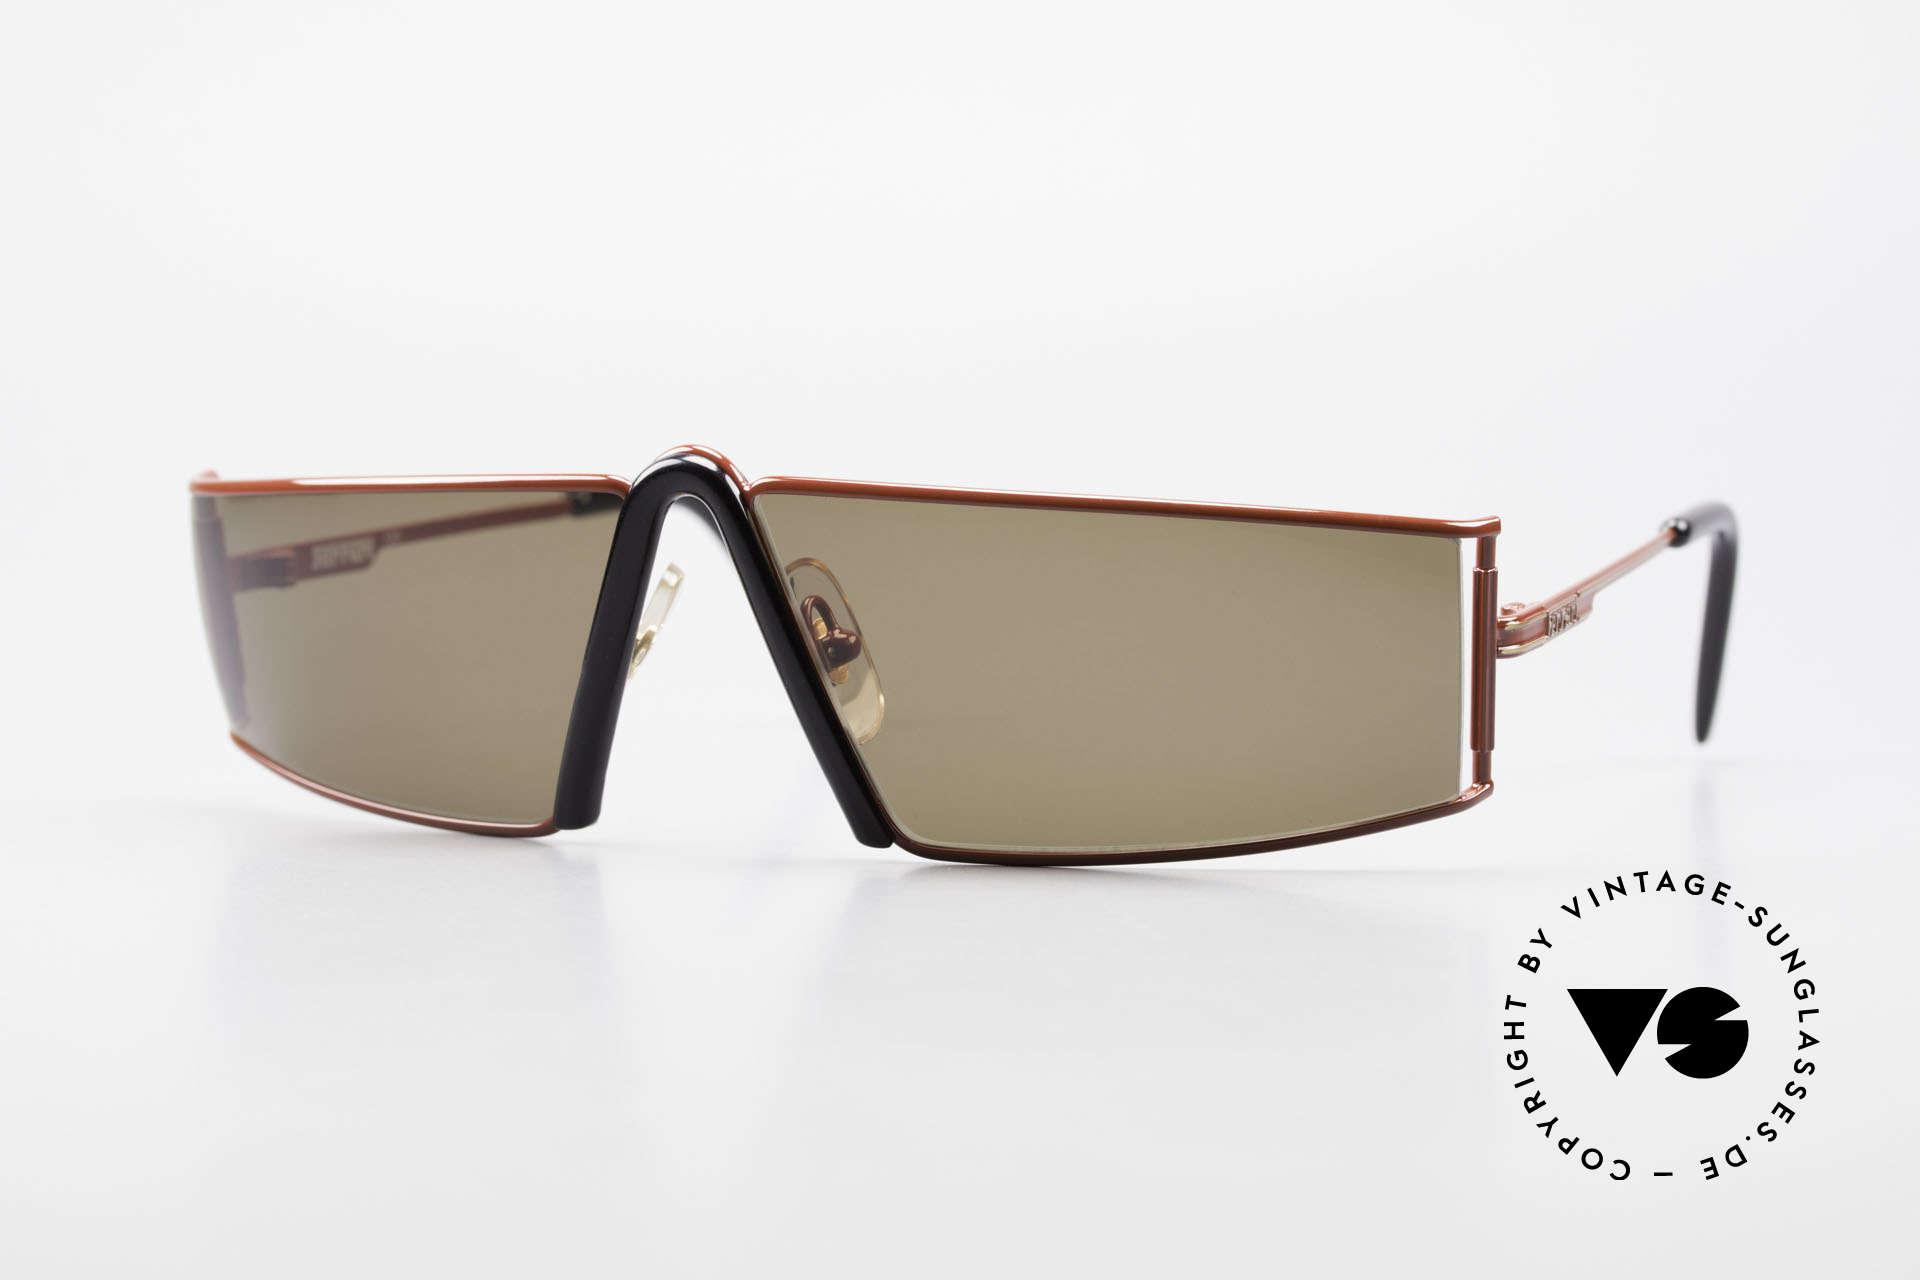 Ferrari F19/S Sonnenbrille Wie XL Lesebrille, außergewöhnliche vintage Ferrari Sonnenbrille, Passend für Herren